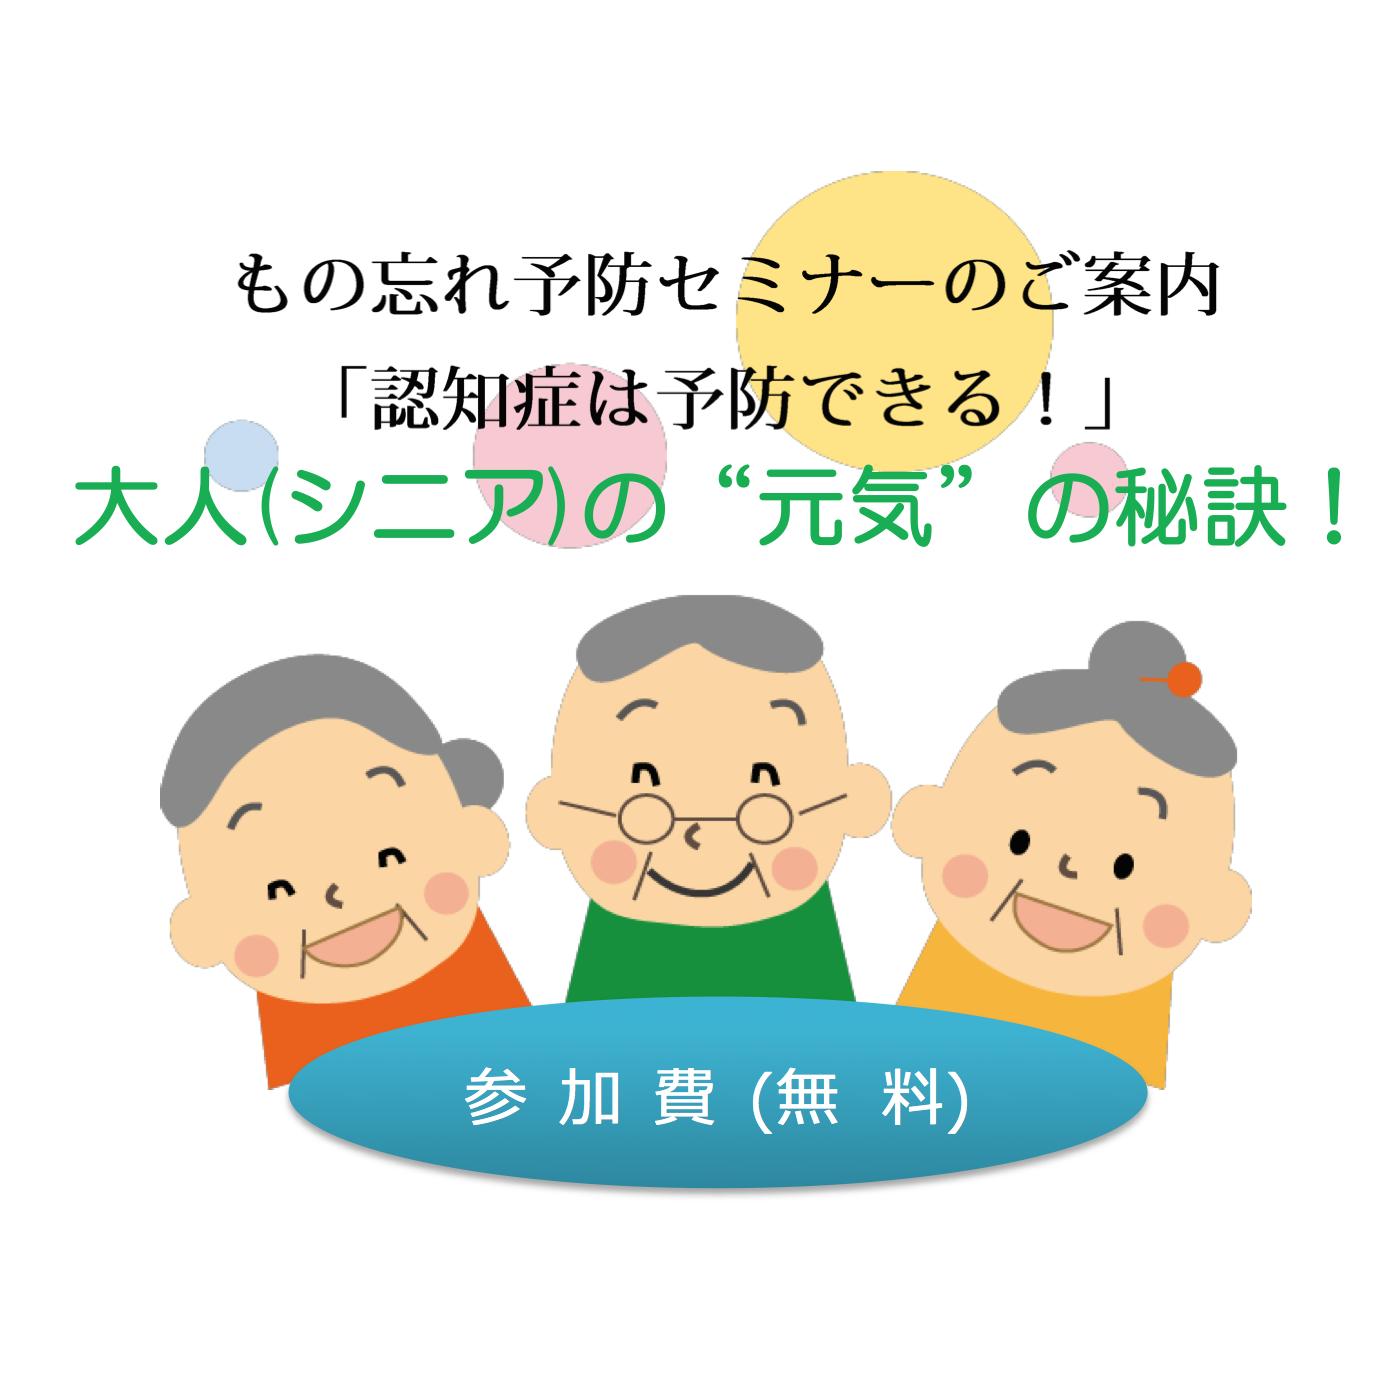 スクリーンショット 2015-08-05 9.18.05